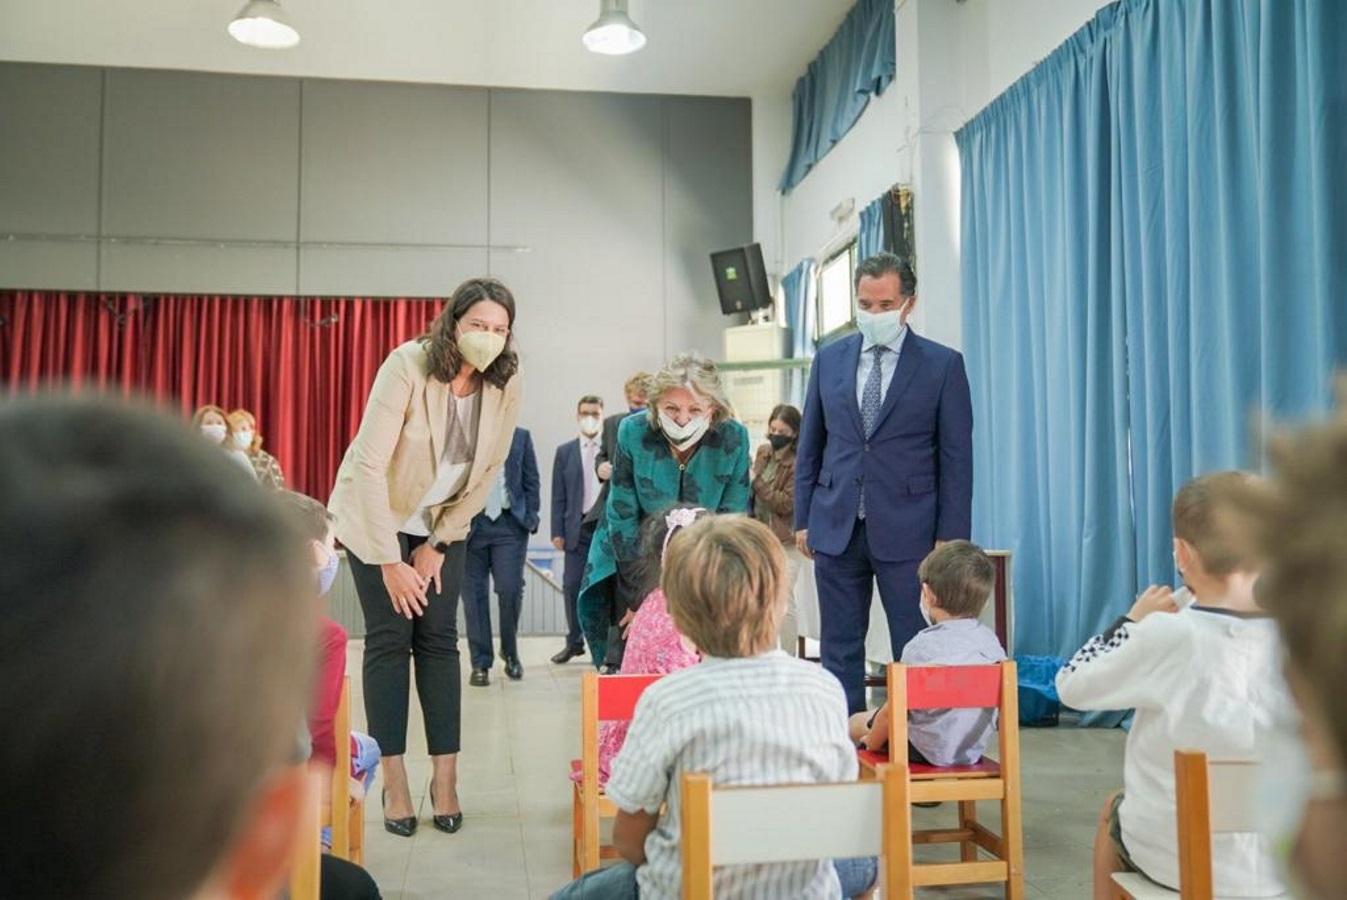 Νίκη Κεραμέως και Επίτροπος Ελίζα Φερέιρα σε Νηπιαγωγείο για την εφαρμογή της ενταξιακής εκπαίδευσης